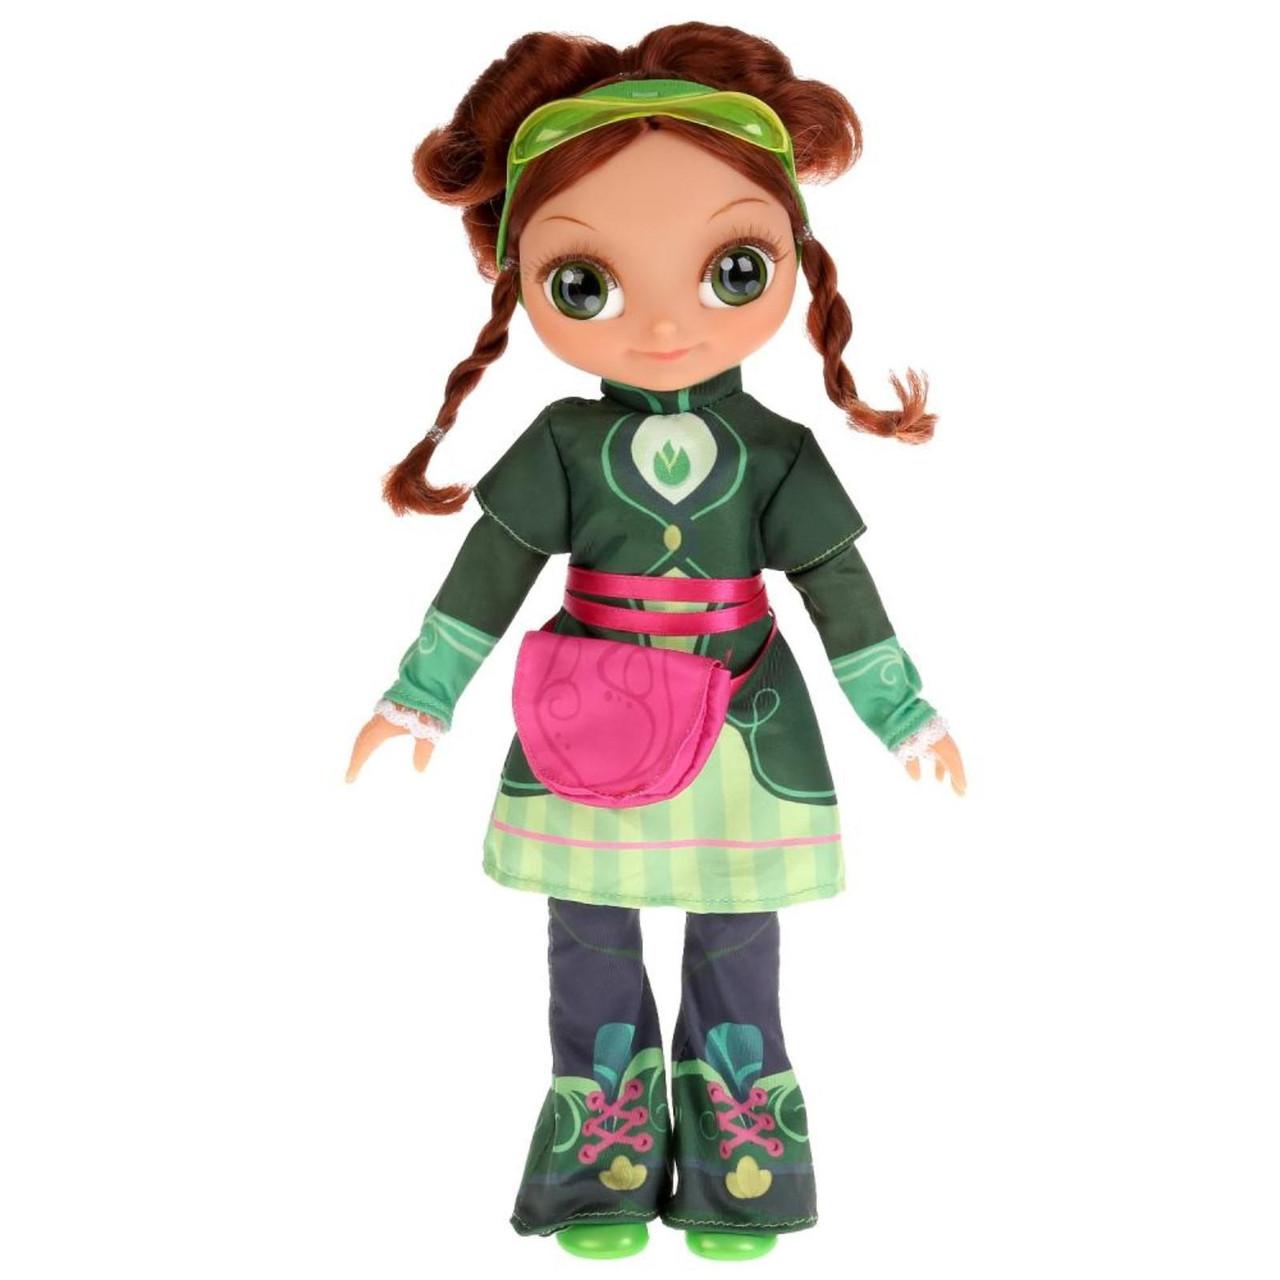 Сказочный патруль Интерактивная кукла Маша кэжуал, 32 см. 15 песен и фраз